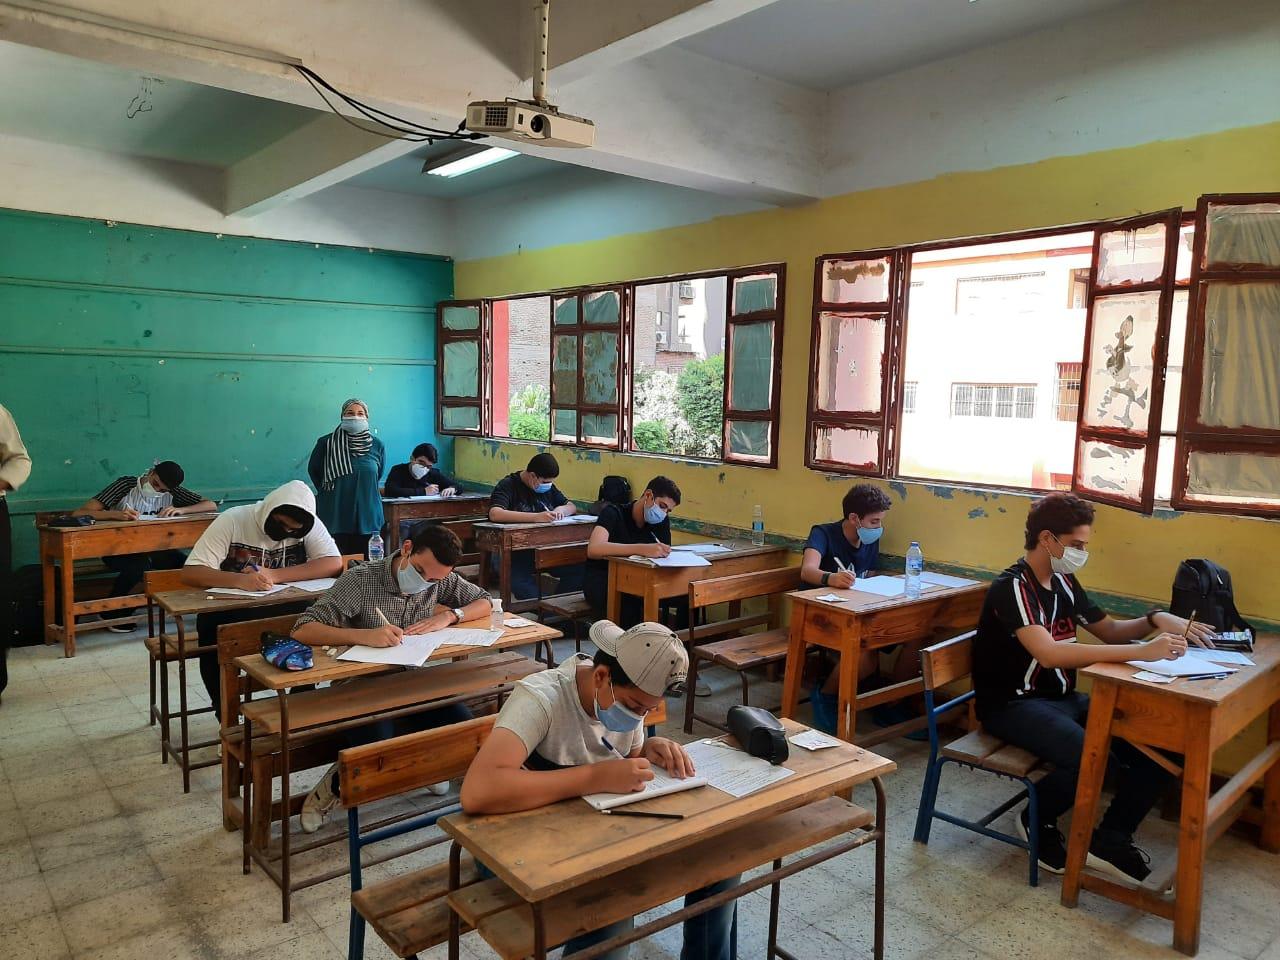 نماذج استرشادية لامتحانات الصف الثاني الإعدادي الفصل الدراسي الأول 2021